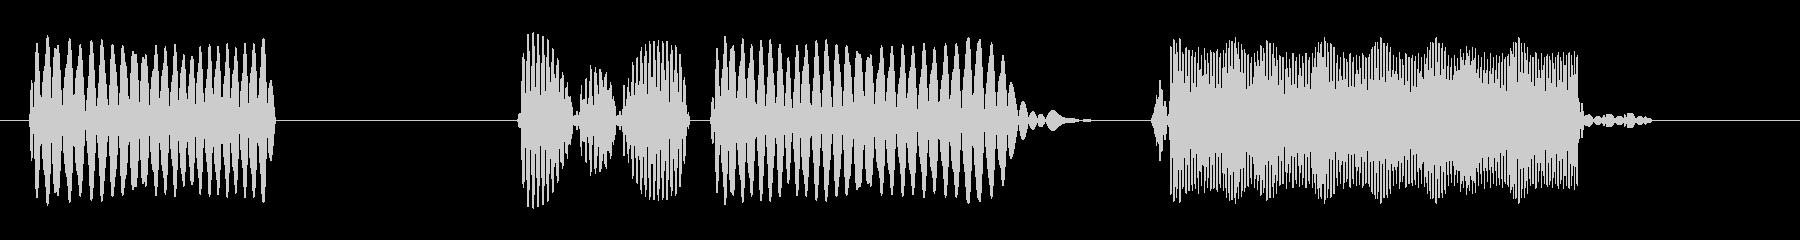 プヨン (柔らかい効果音)の未再生の波形